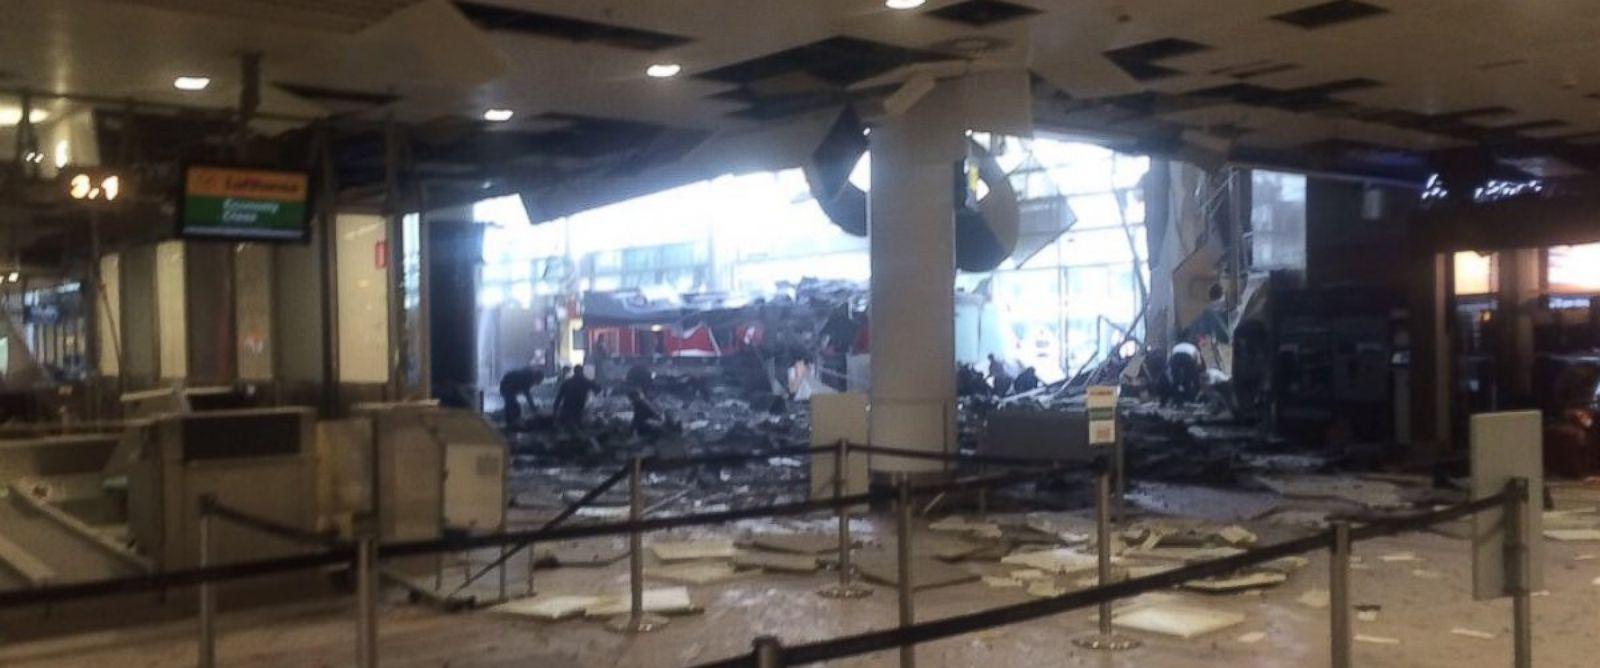 Bruxelles: il terrorismo colpisce nel cuore dell'Europa